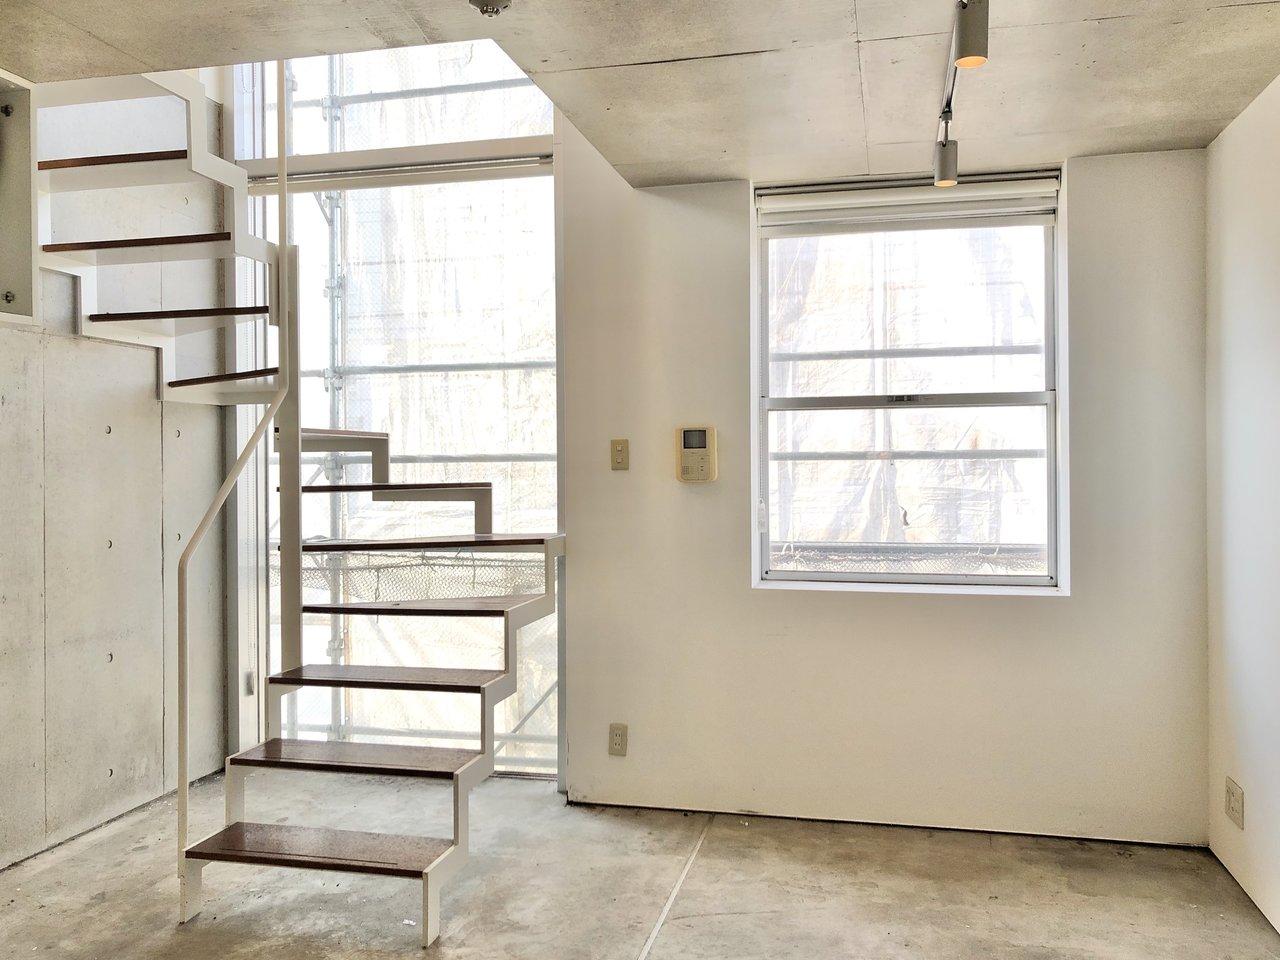 2部屋が階段で連なる、メゾネットタイプのお部屋です。階段脇の窓から差し込む光が暖かいですね。